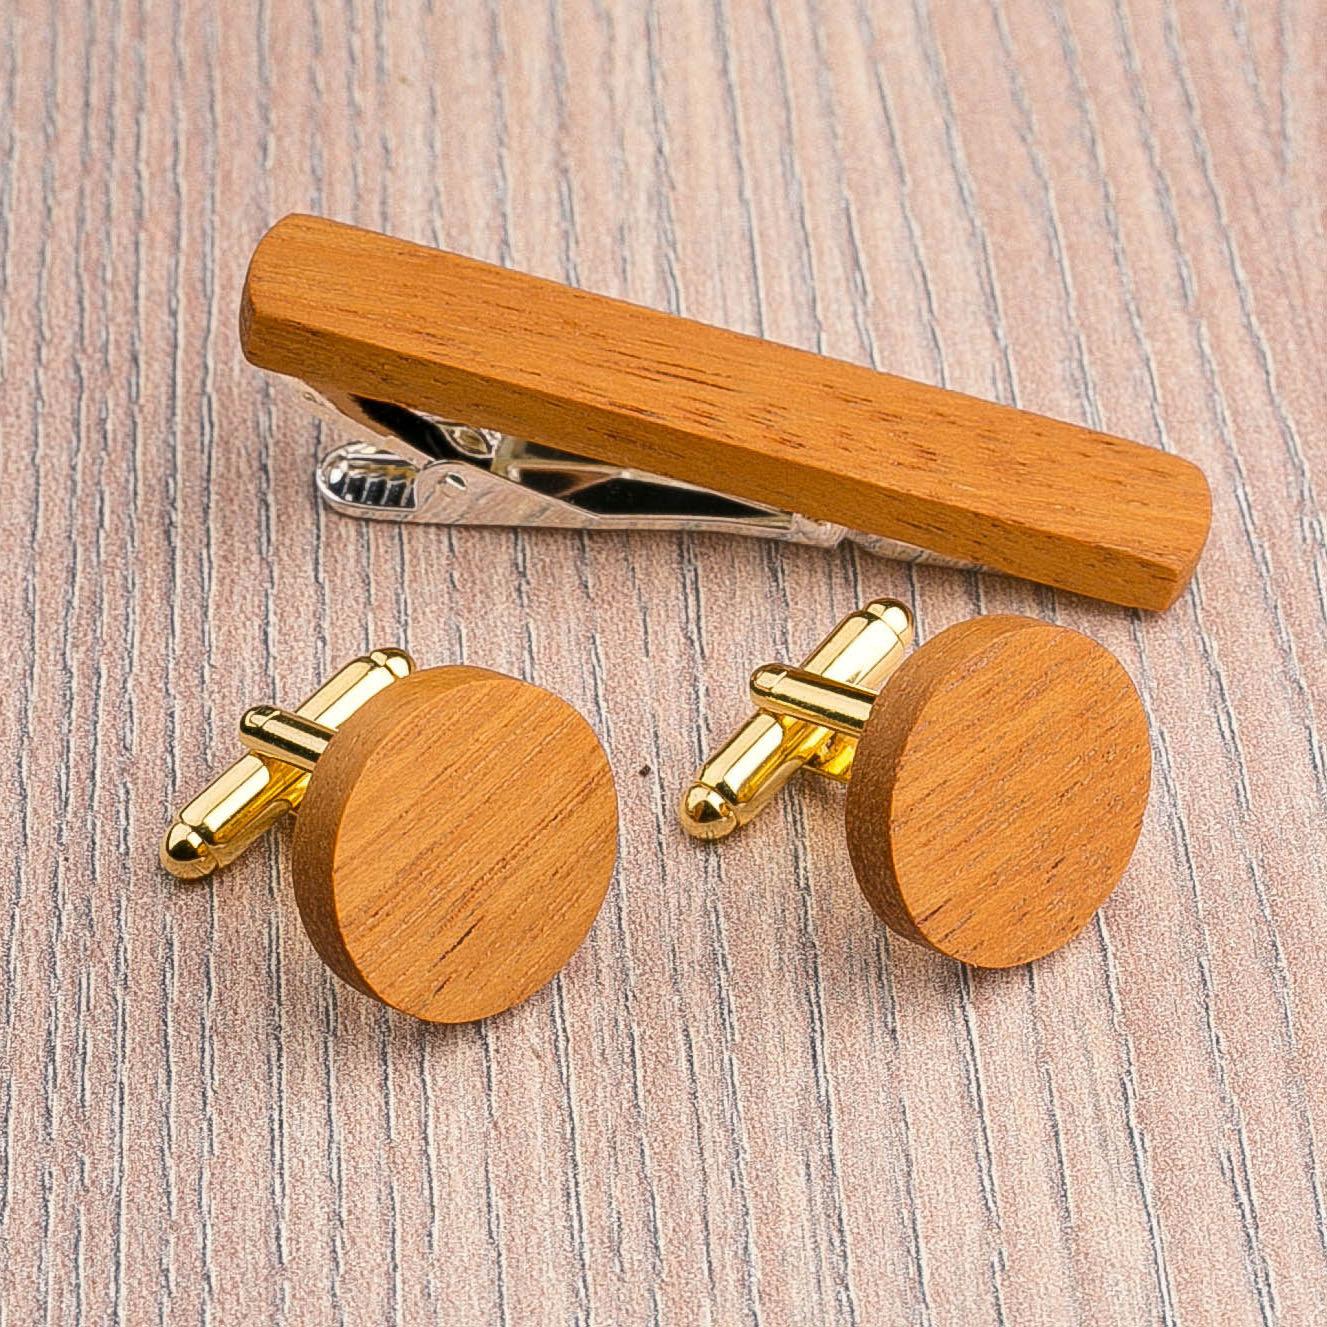 Комплект: Круглые запонки из дерева и Деревянный зажим для галстука. Массив кусии. Гравировка инициалов. Упаковка в комплекте CufflinksSet-RoundKusia